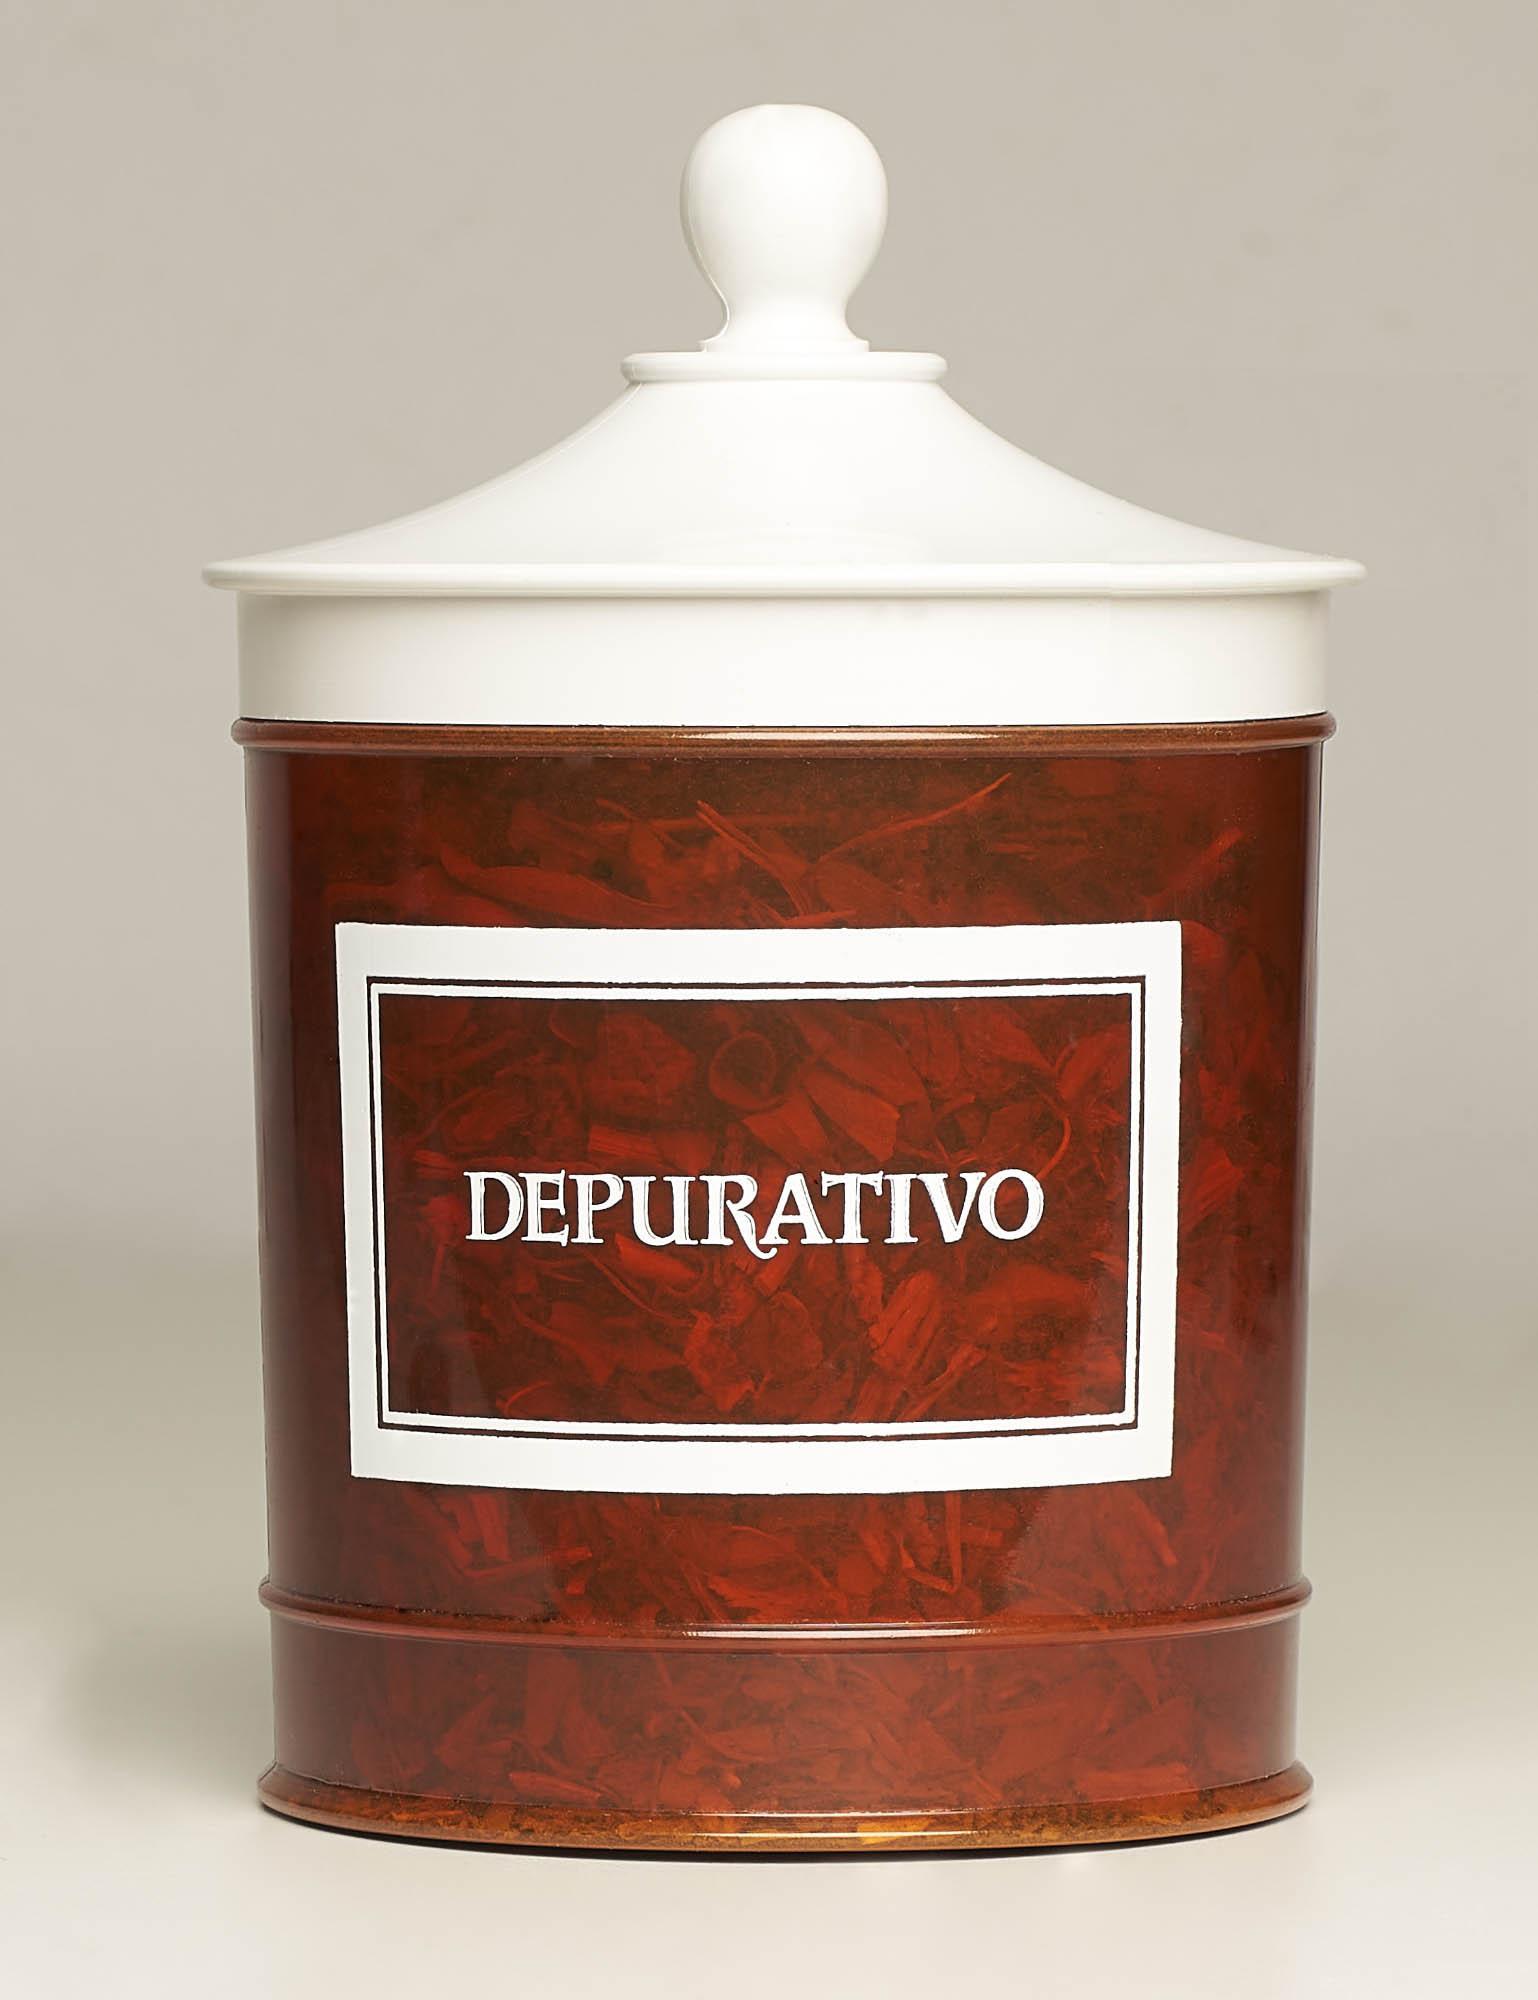 Depurativo (Depurphyton) Pl. Med. Dr. Pina